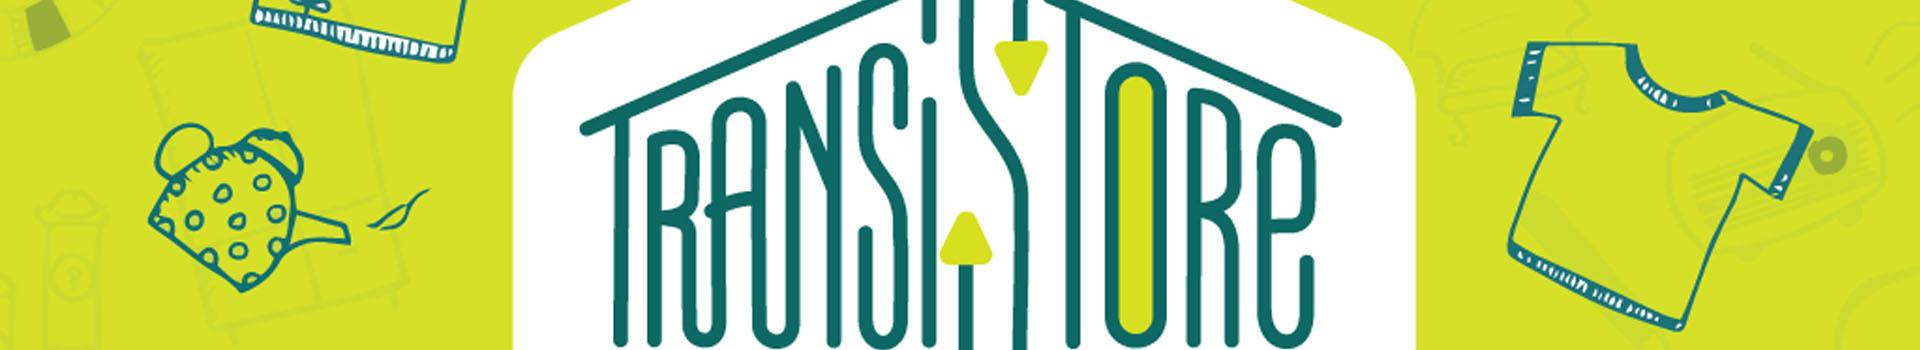 Mon projet pour la planète - Association TransiStore